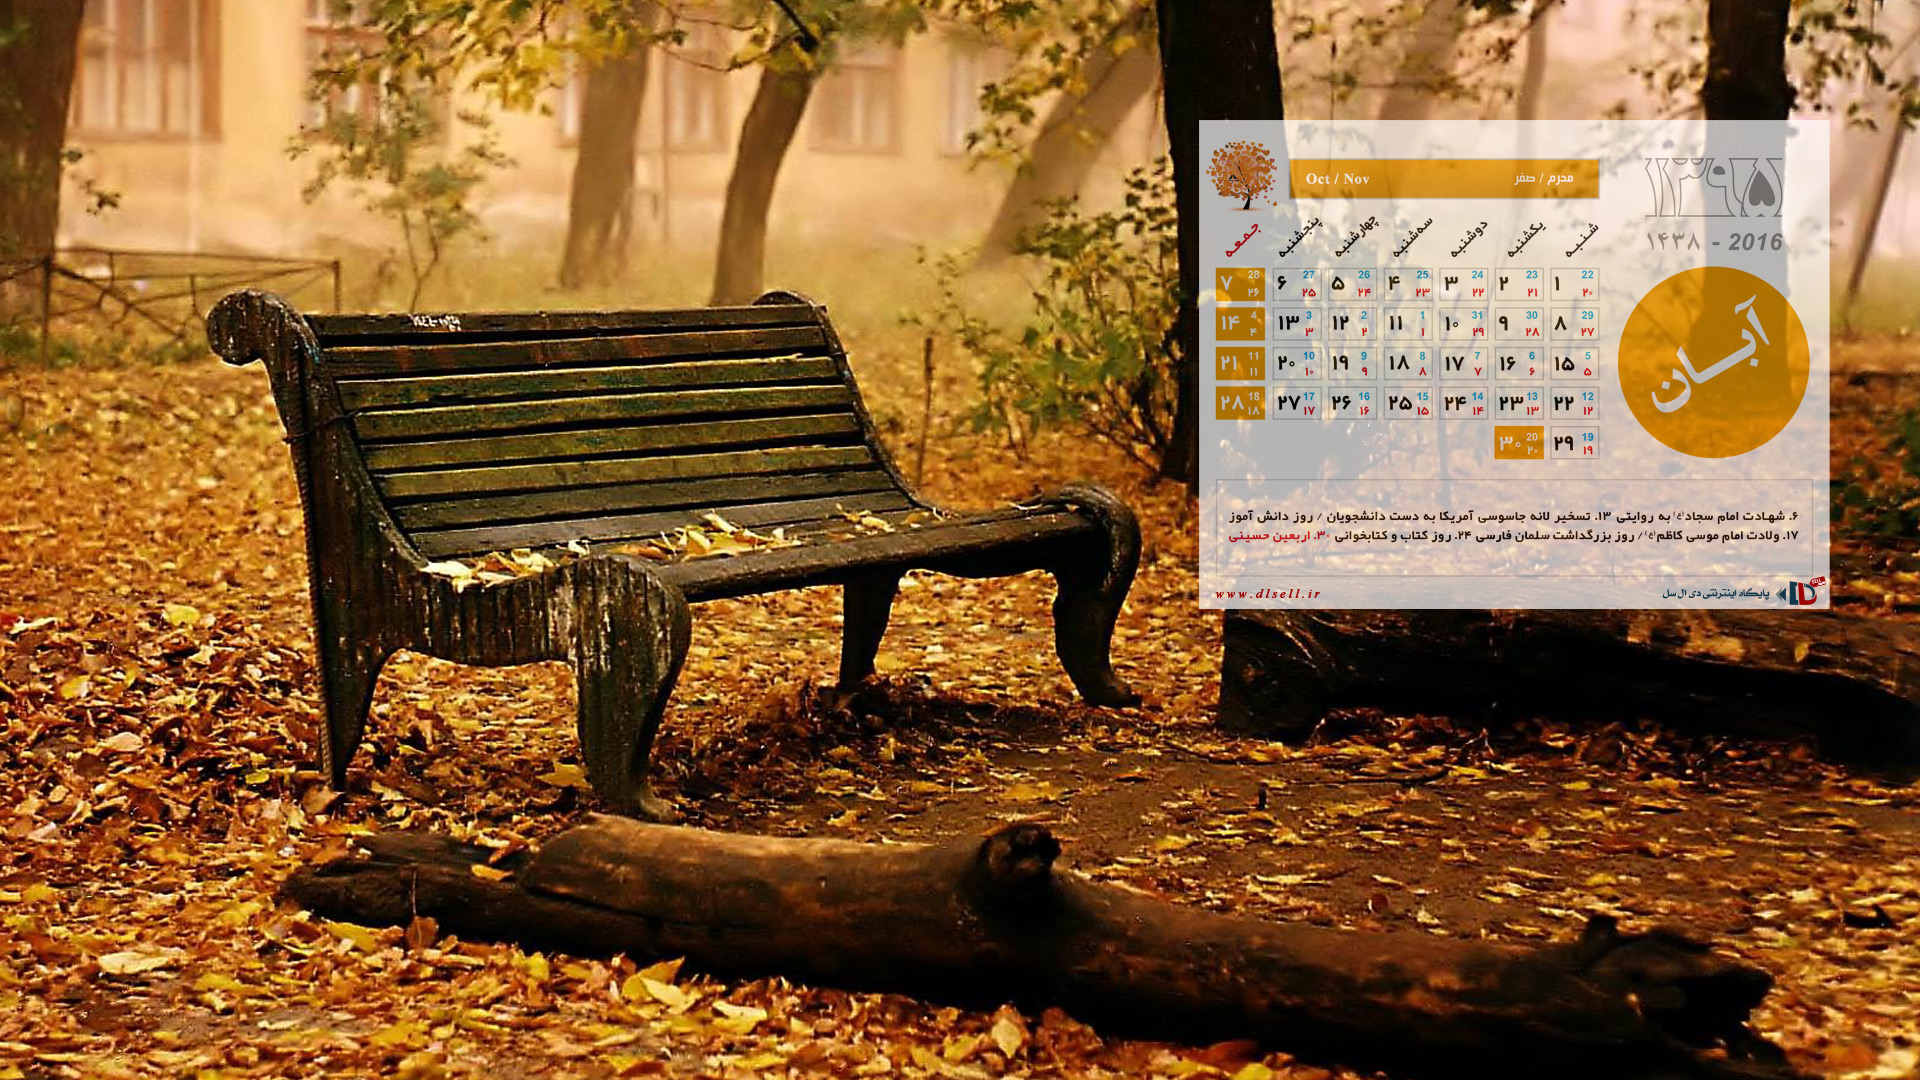 دانلود تقویم 95 – تقویم سال 95 با پس زمینه طبیعت و مناسبت ها - پایگاه اینترنتی دی ال سل